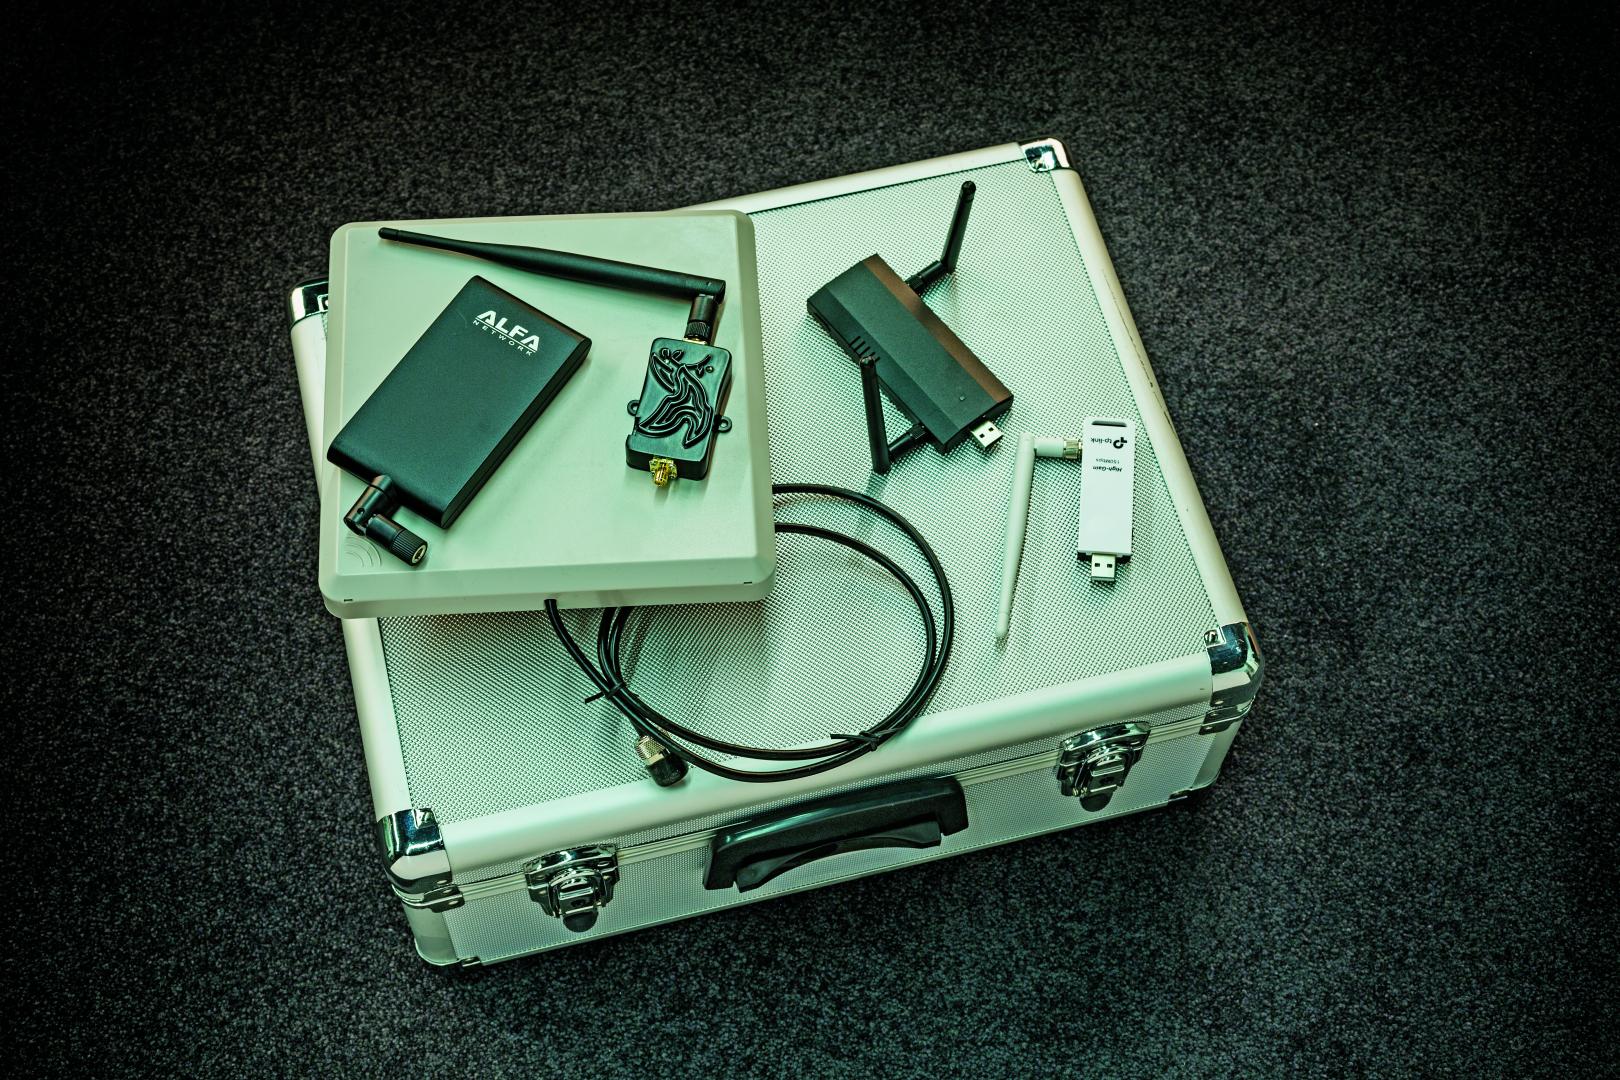 hacking gadgets hacken hacker tool gereedschap Russen Rusland WiFi Pineapple